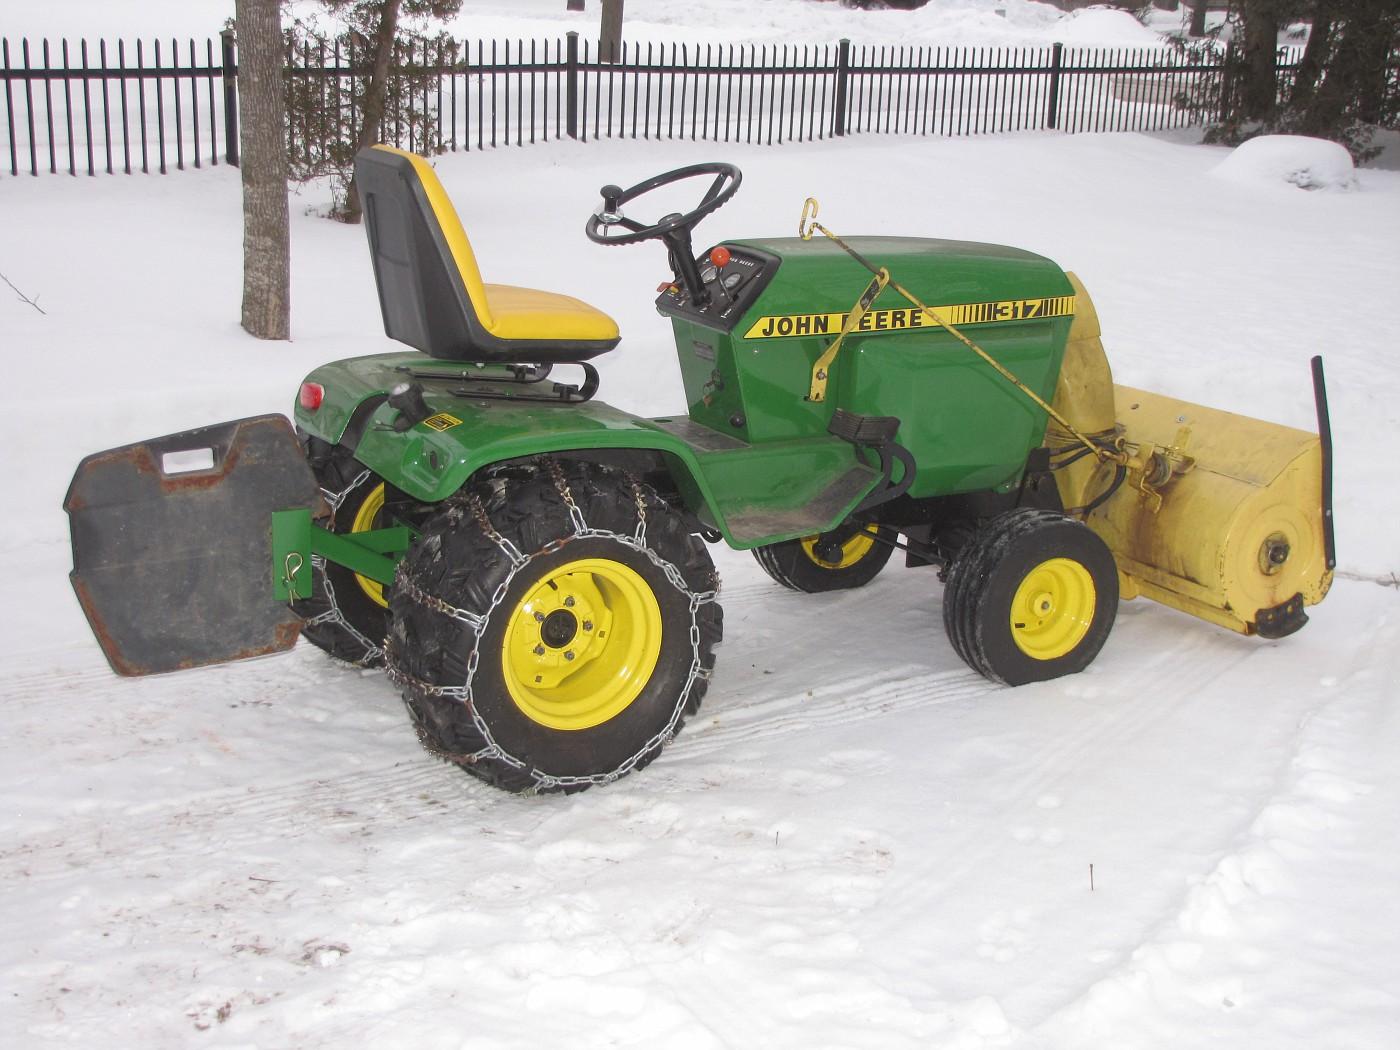 John Deere Tractor Counterweights : Mytractorforum the friendliest tractor forum and